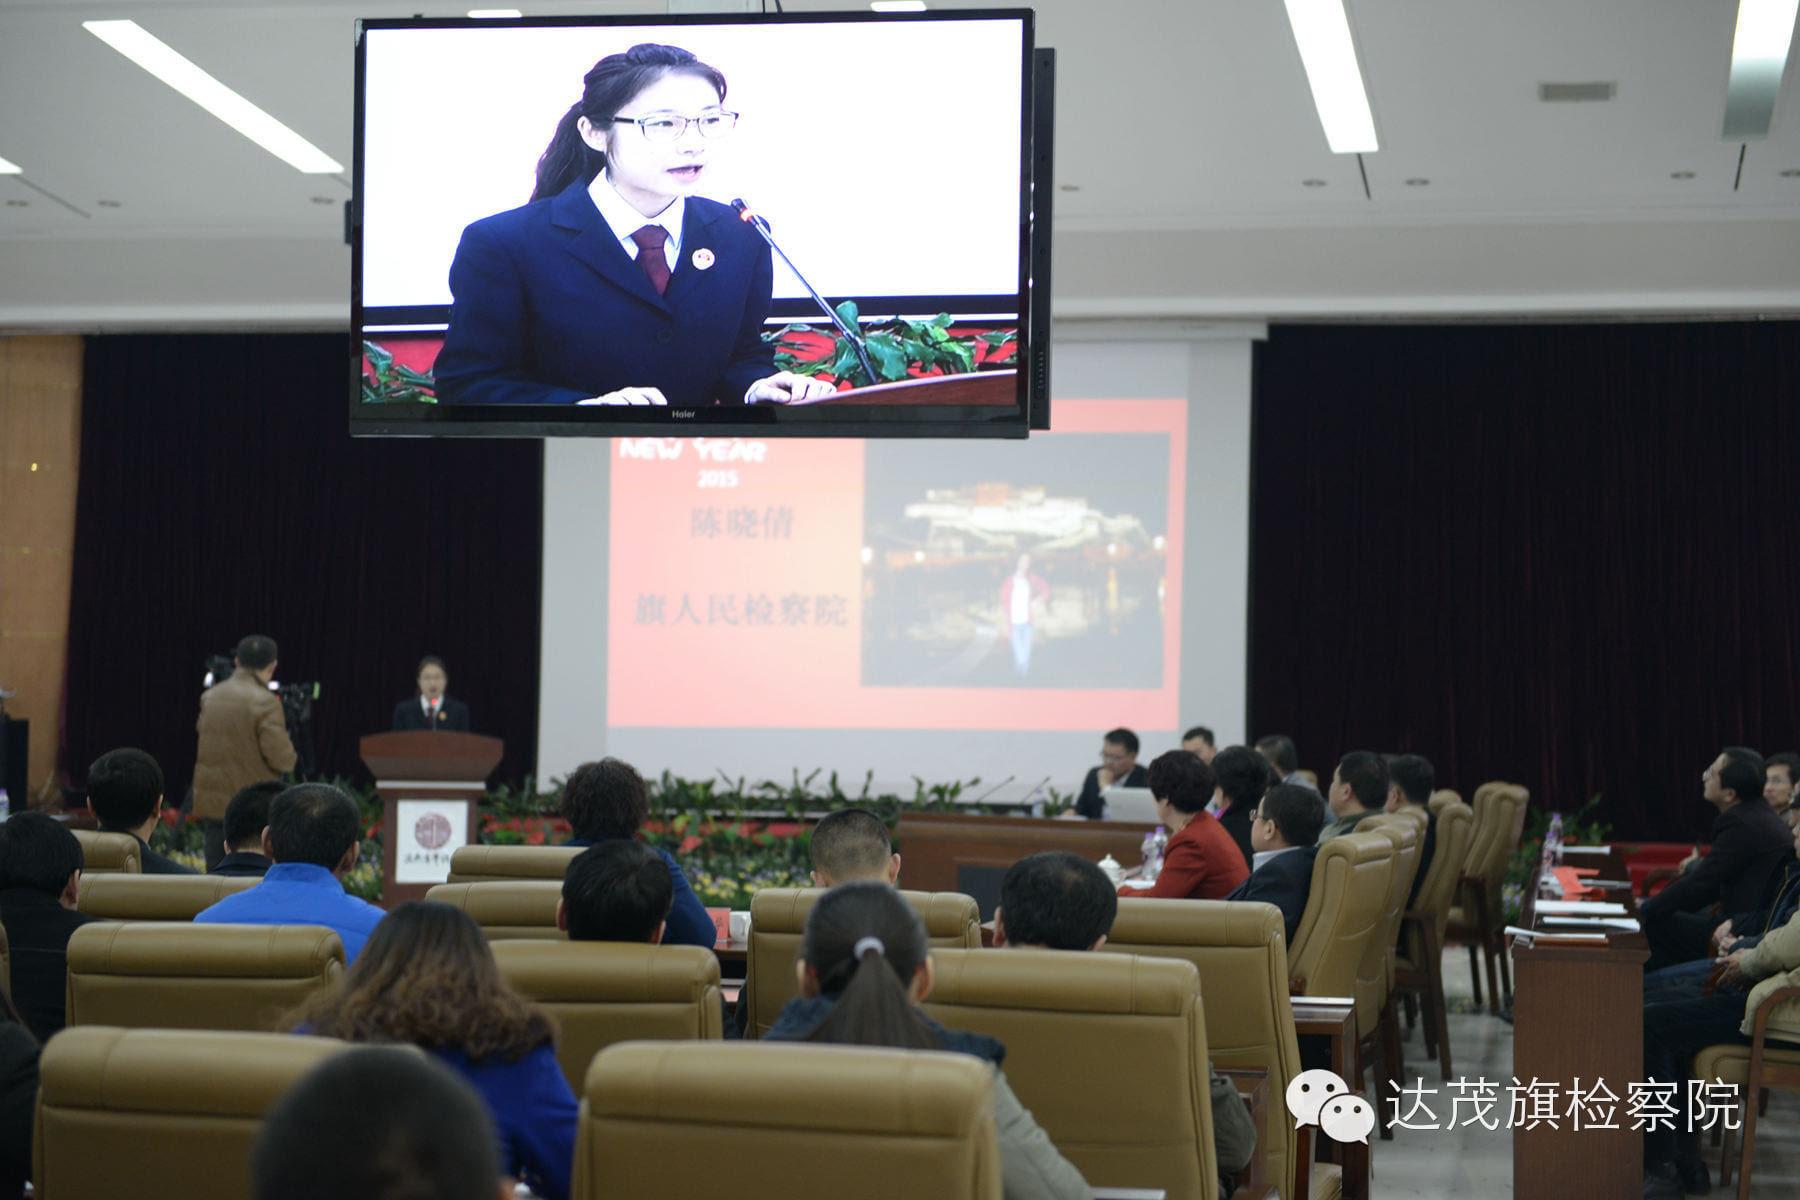 """畅想2015年主题演讲活动上以""""青春志中国梦""""为题进行激情澎湃的演讲."""